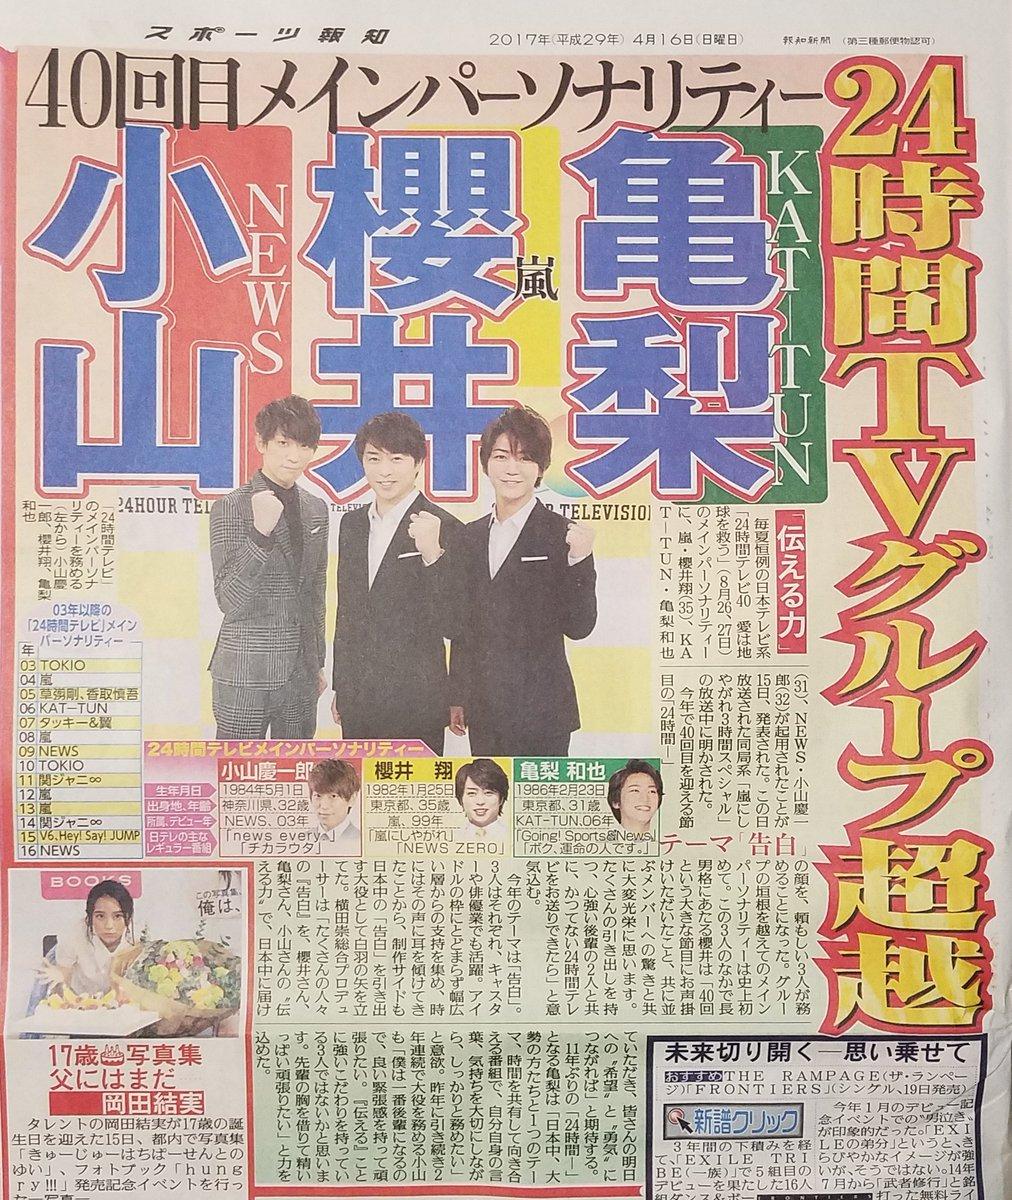 日本テレビ系「24時間テレビ40 愛は地球を救う」(8月26、27日)のメインパーソナリティーに、嵐・櫻井翔さん、KAT-TUN・亀梨和也さん、NEWS・小山慶一郎さんの起用が発表された。《報知》